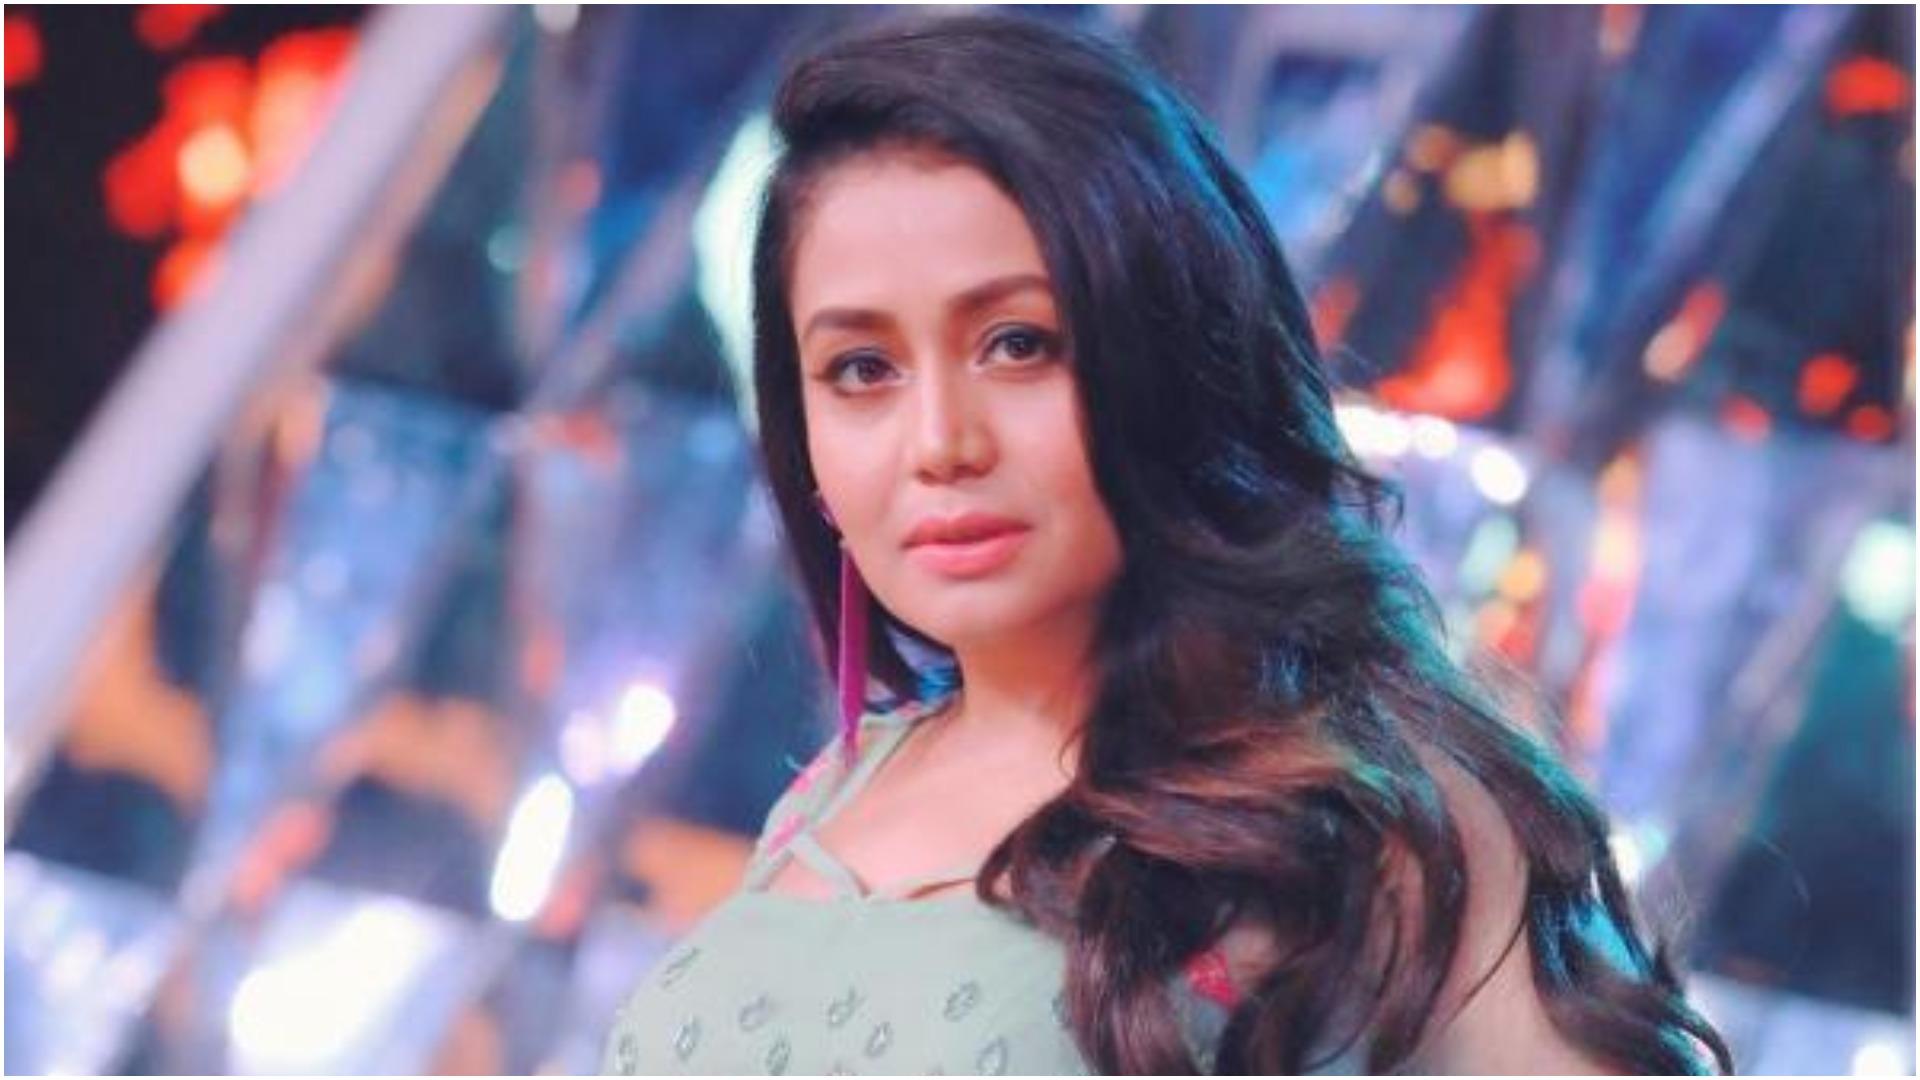 इंडियन आइडल के बाद इस नए टीवी शो में नजर आएंगी नेहा कक्कर, गाने के बाद अब दिखेगा डांस का जलवा